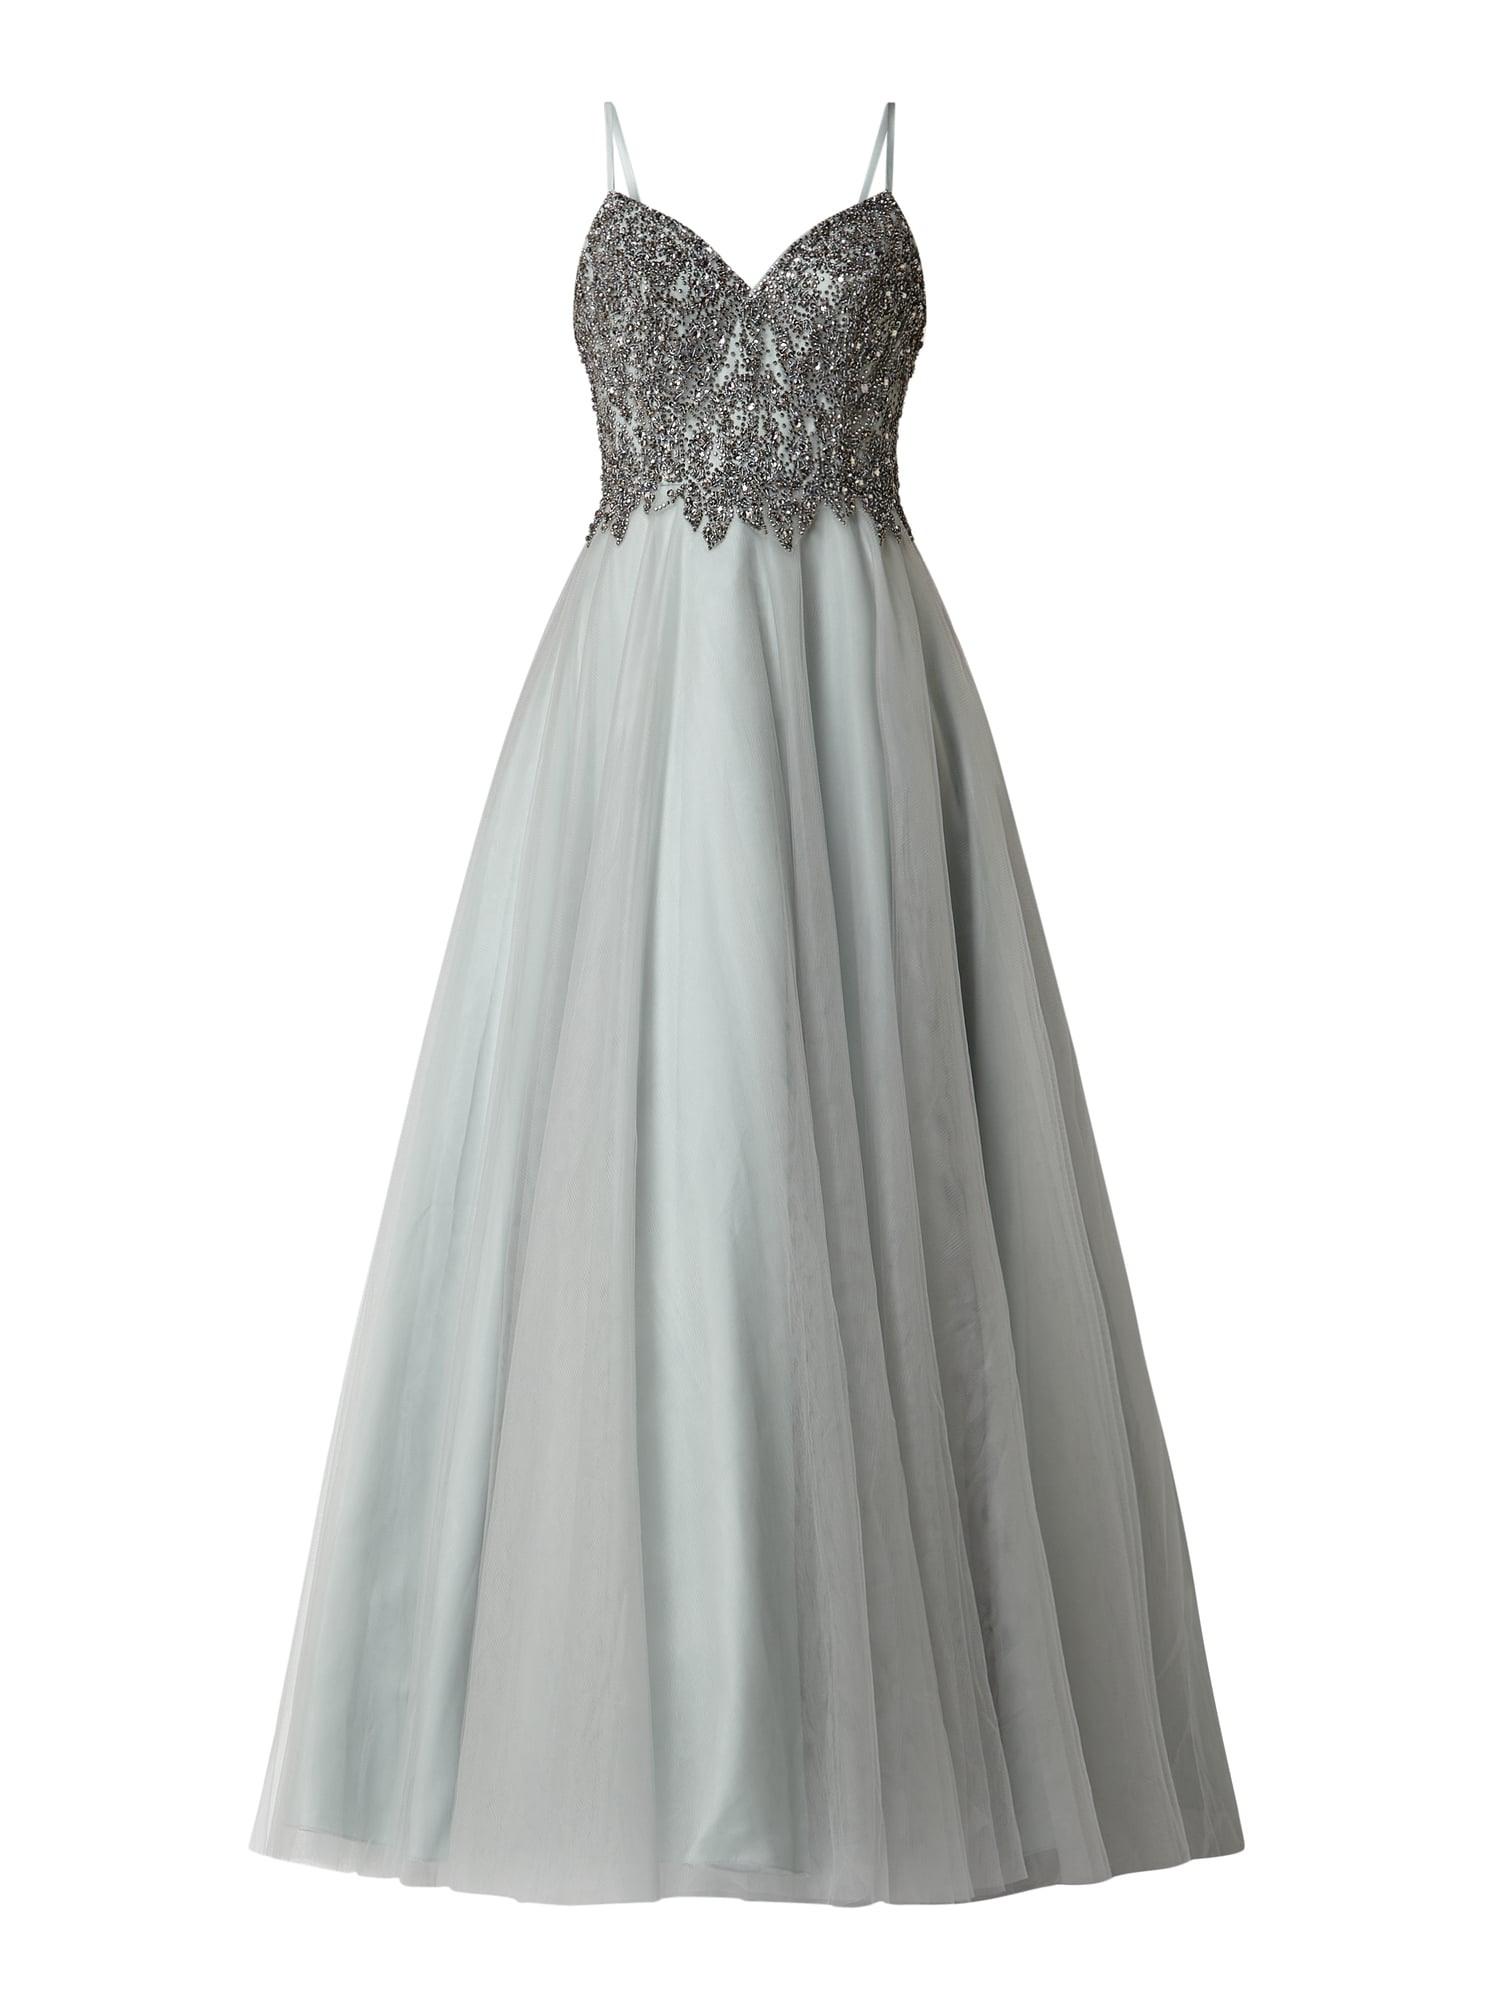 Formal Elegant Abendkleider P&C Berlin für 2019Abend Schön Abendkleider P&C Berlin für 2019